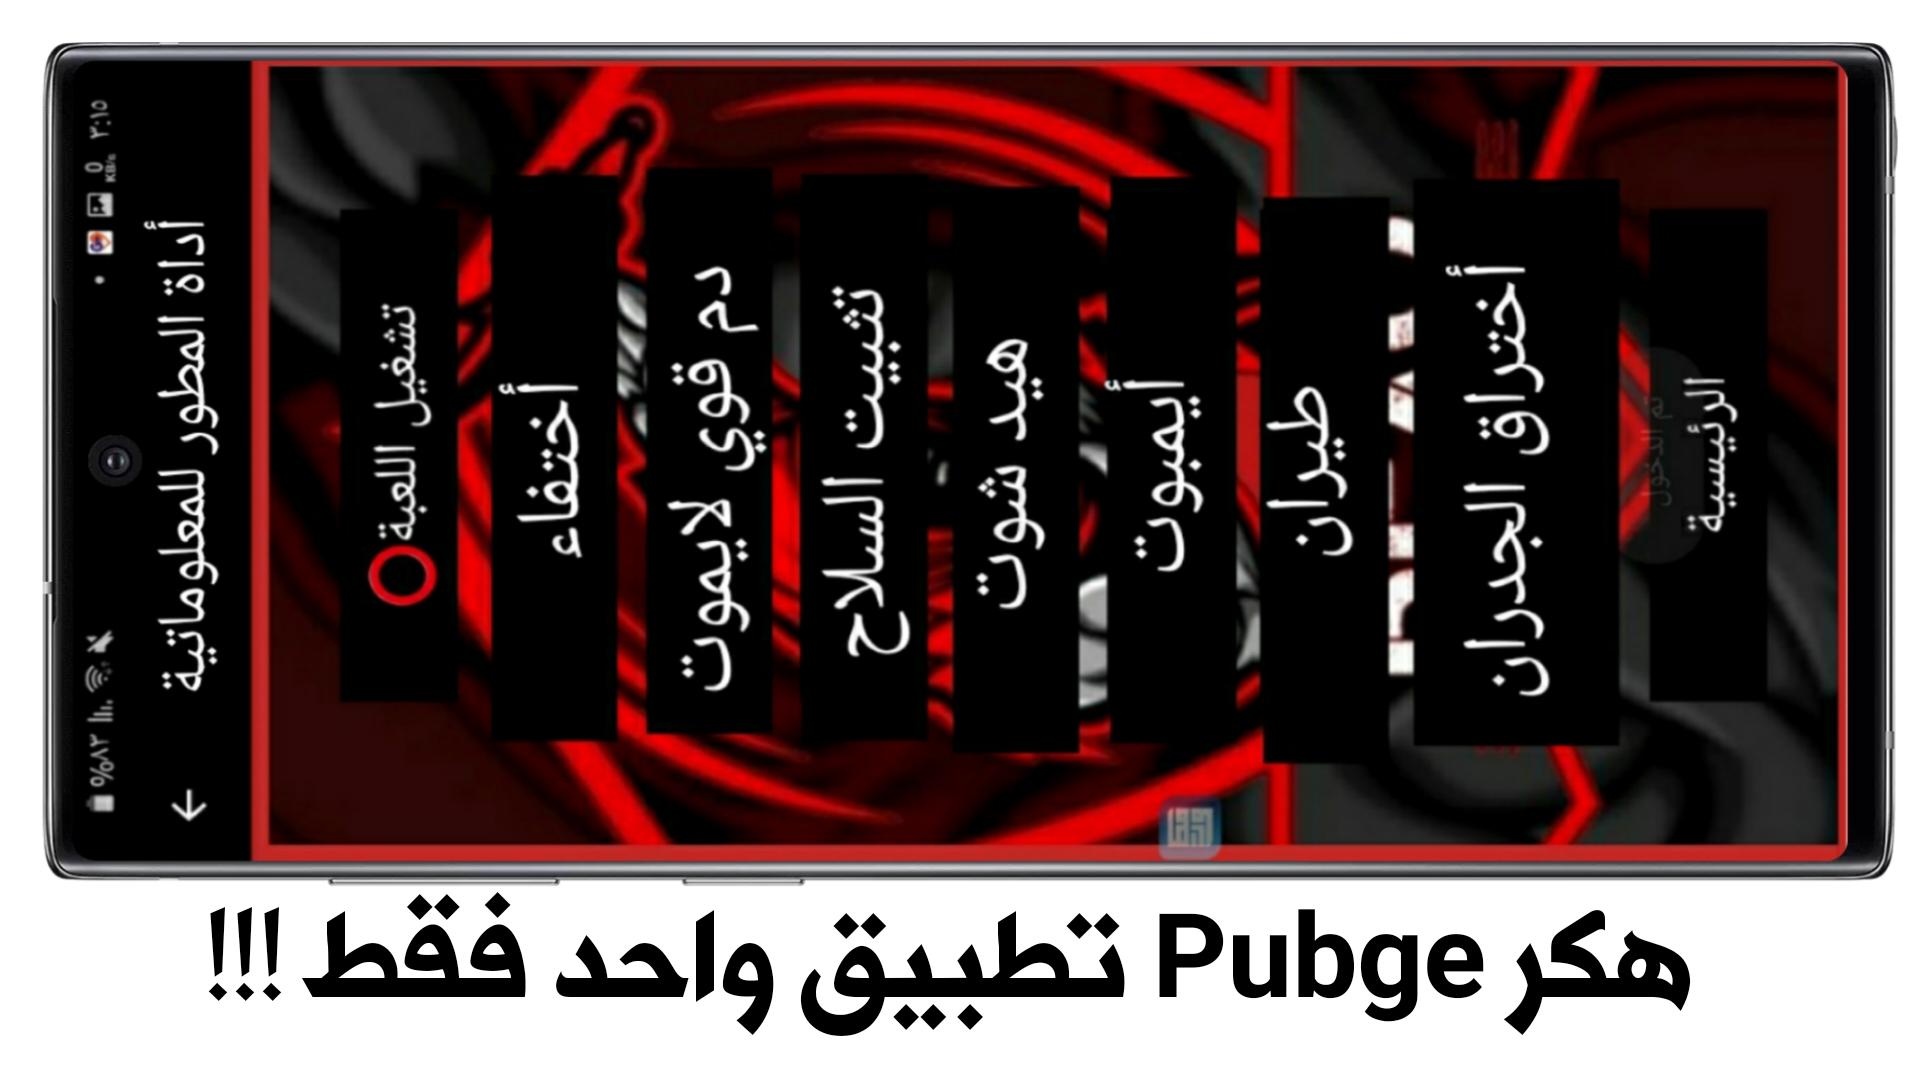 هكر Pubge تطبيق واحد فقط !!! للروت بدون روت للعالمية والكورية